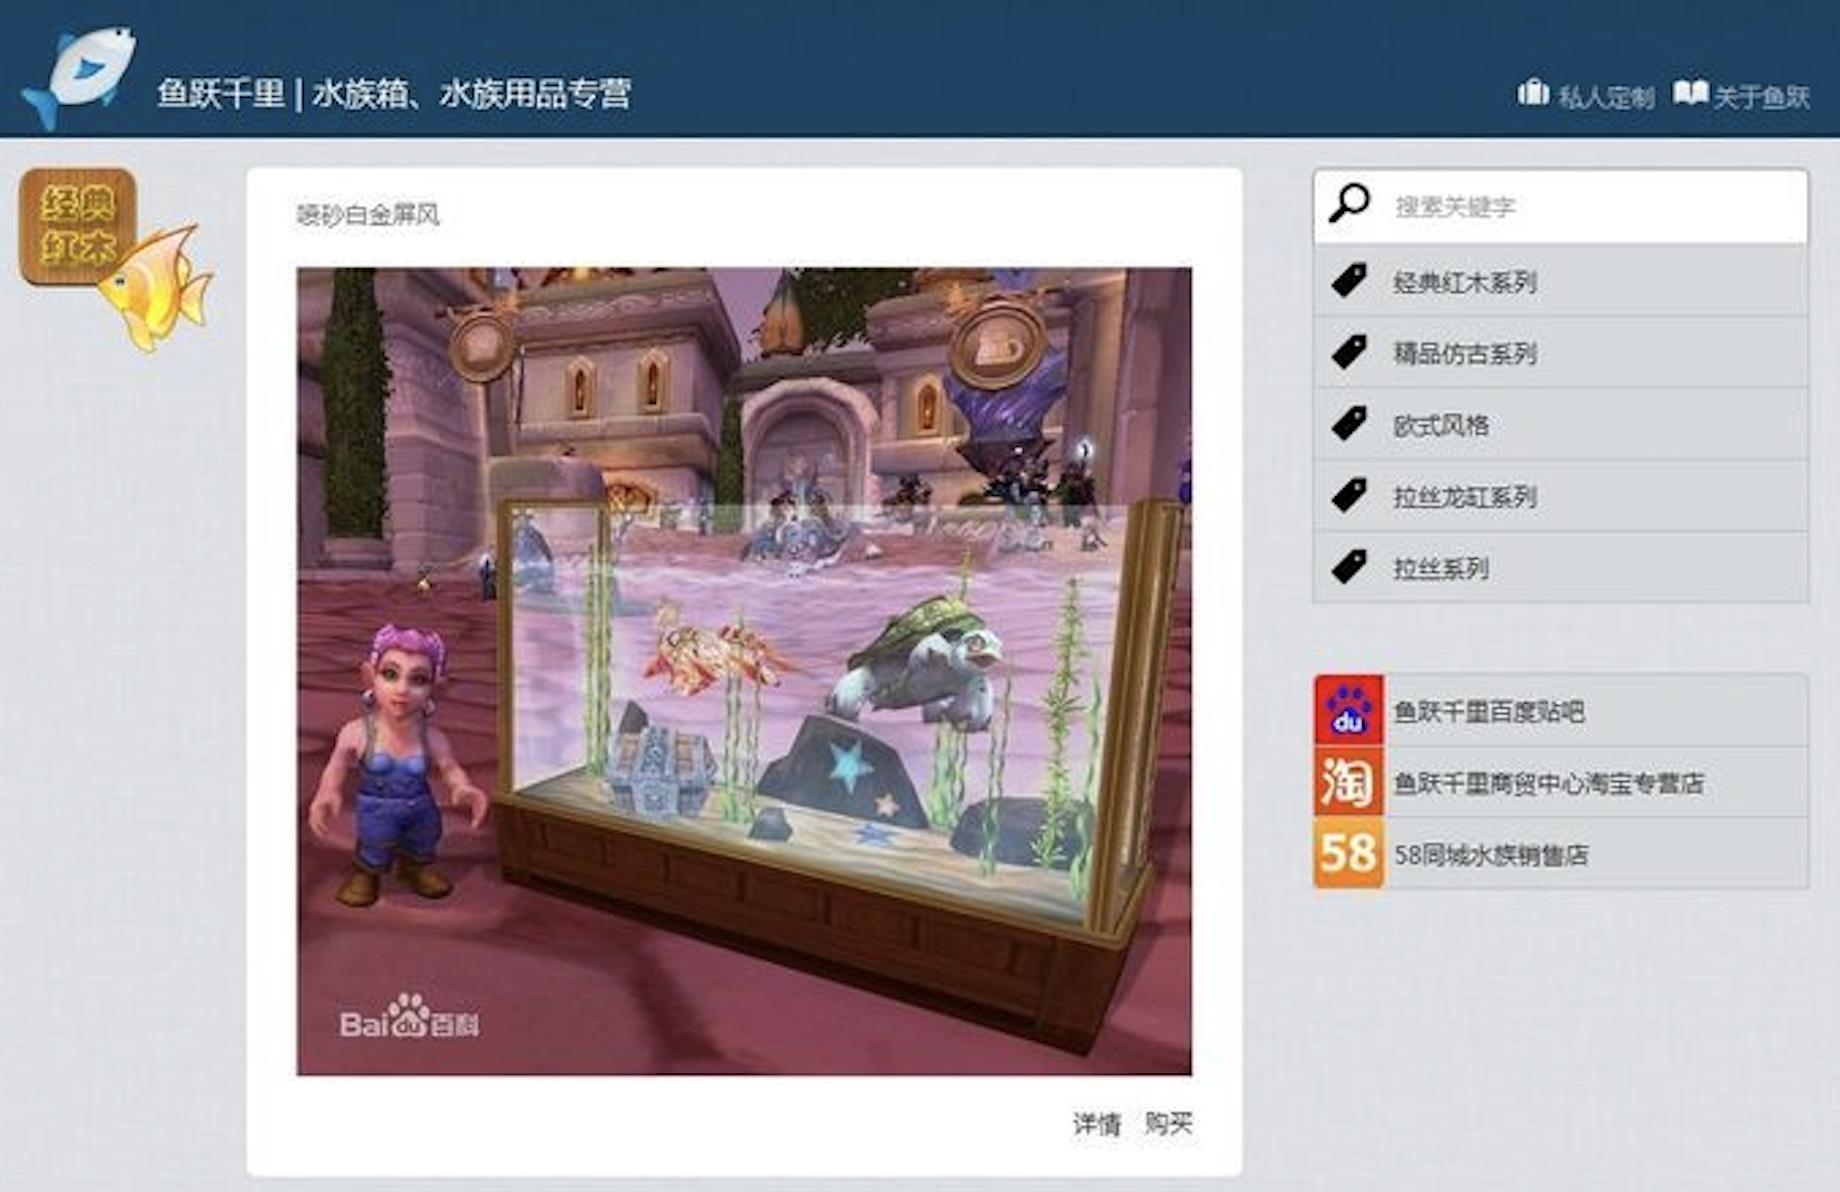 卖家具宣传网站(2000元)